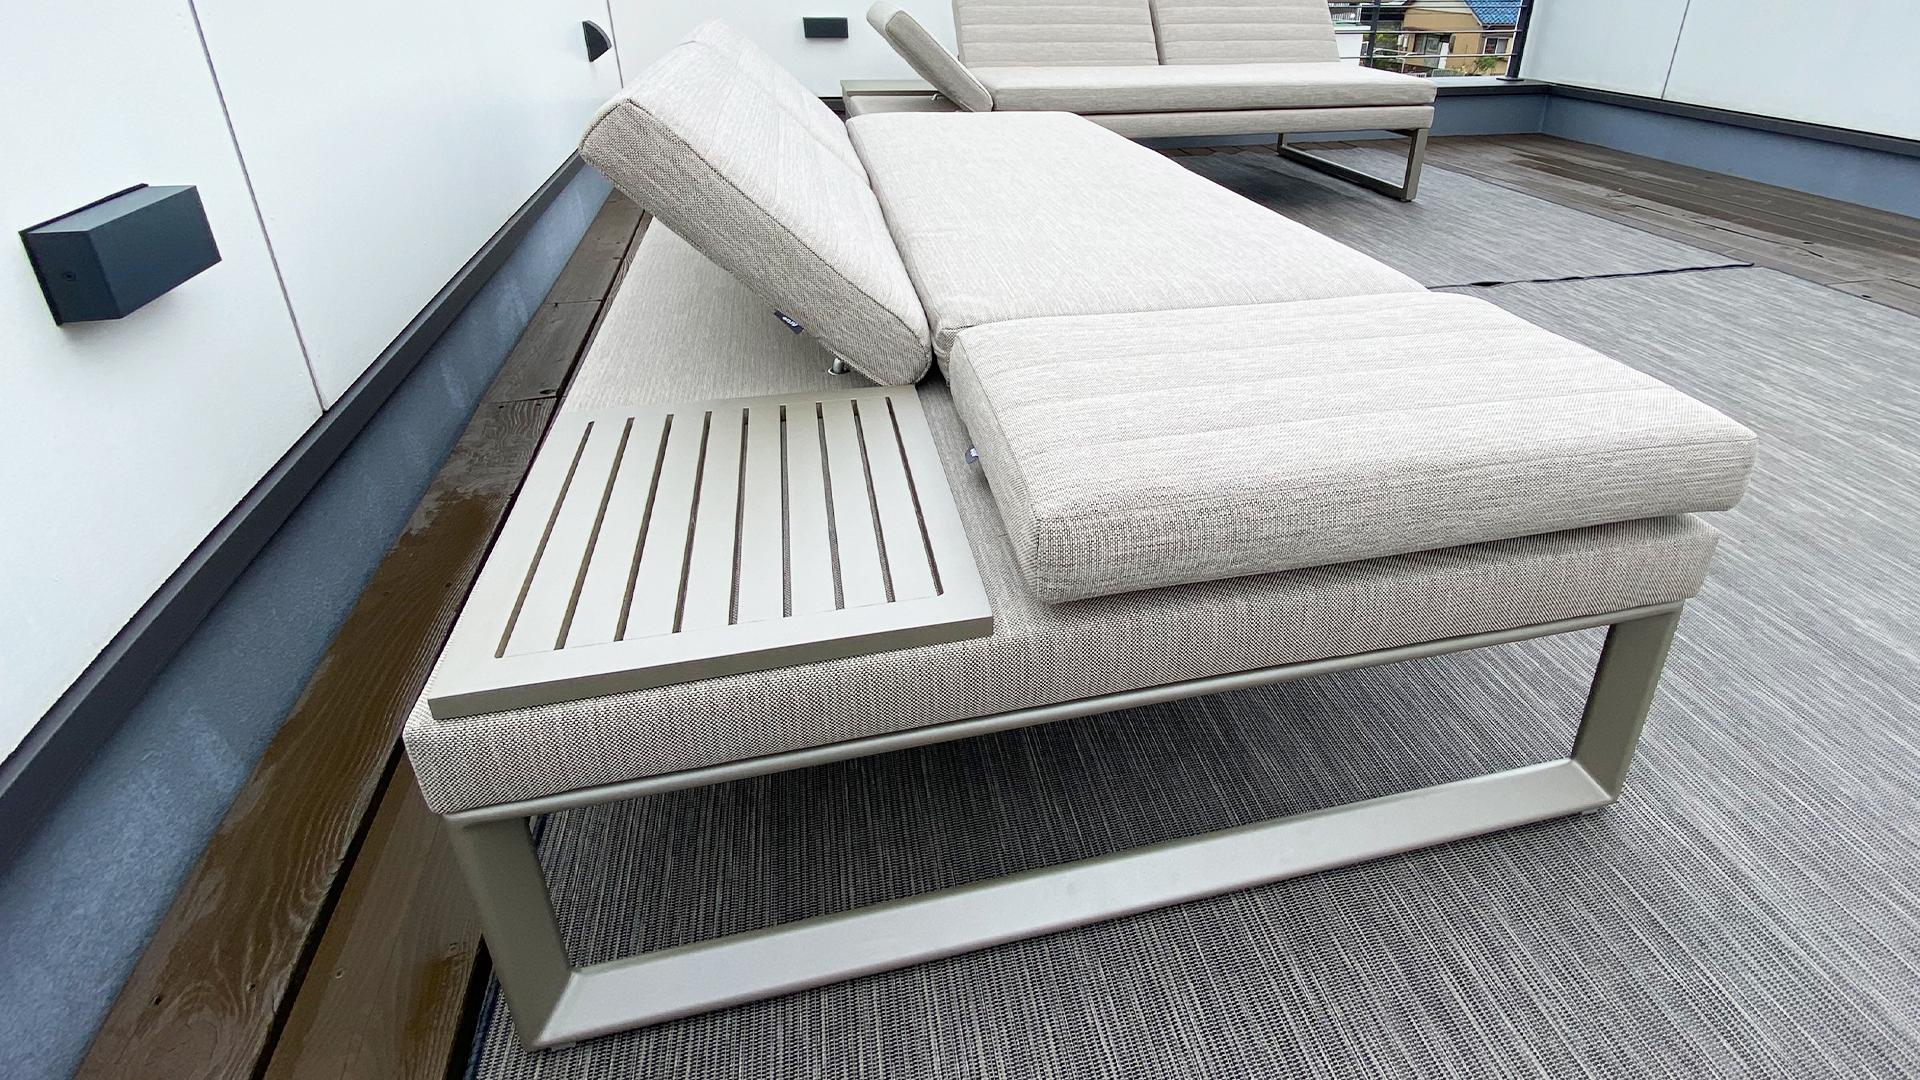 静岡県清水区のお宅。ウッドデッキに常設できる屋外用ソファ。